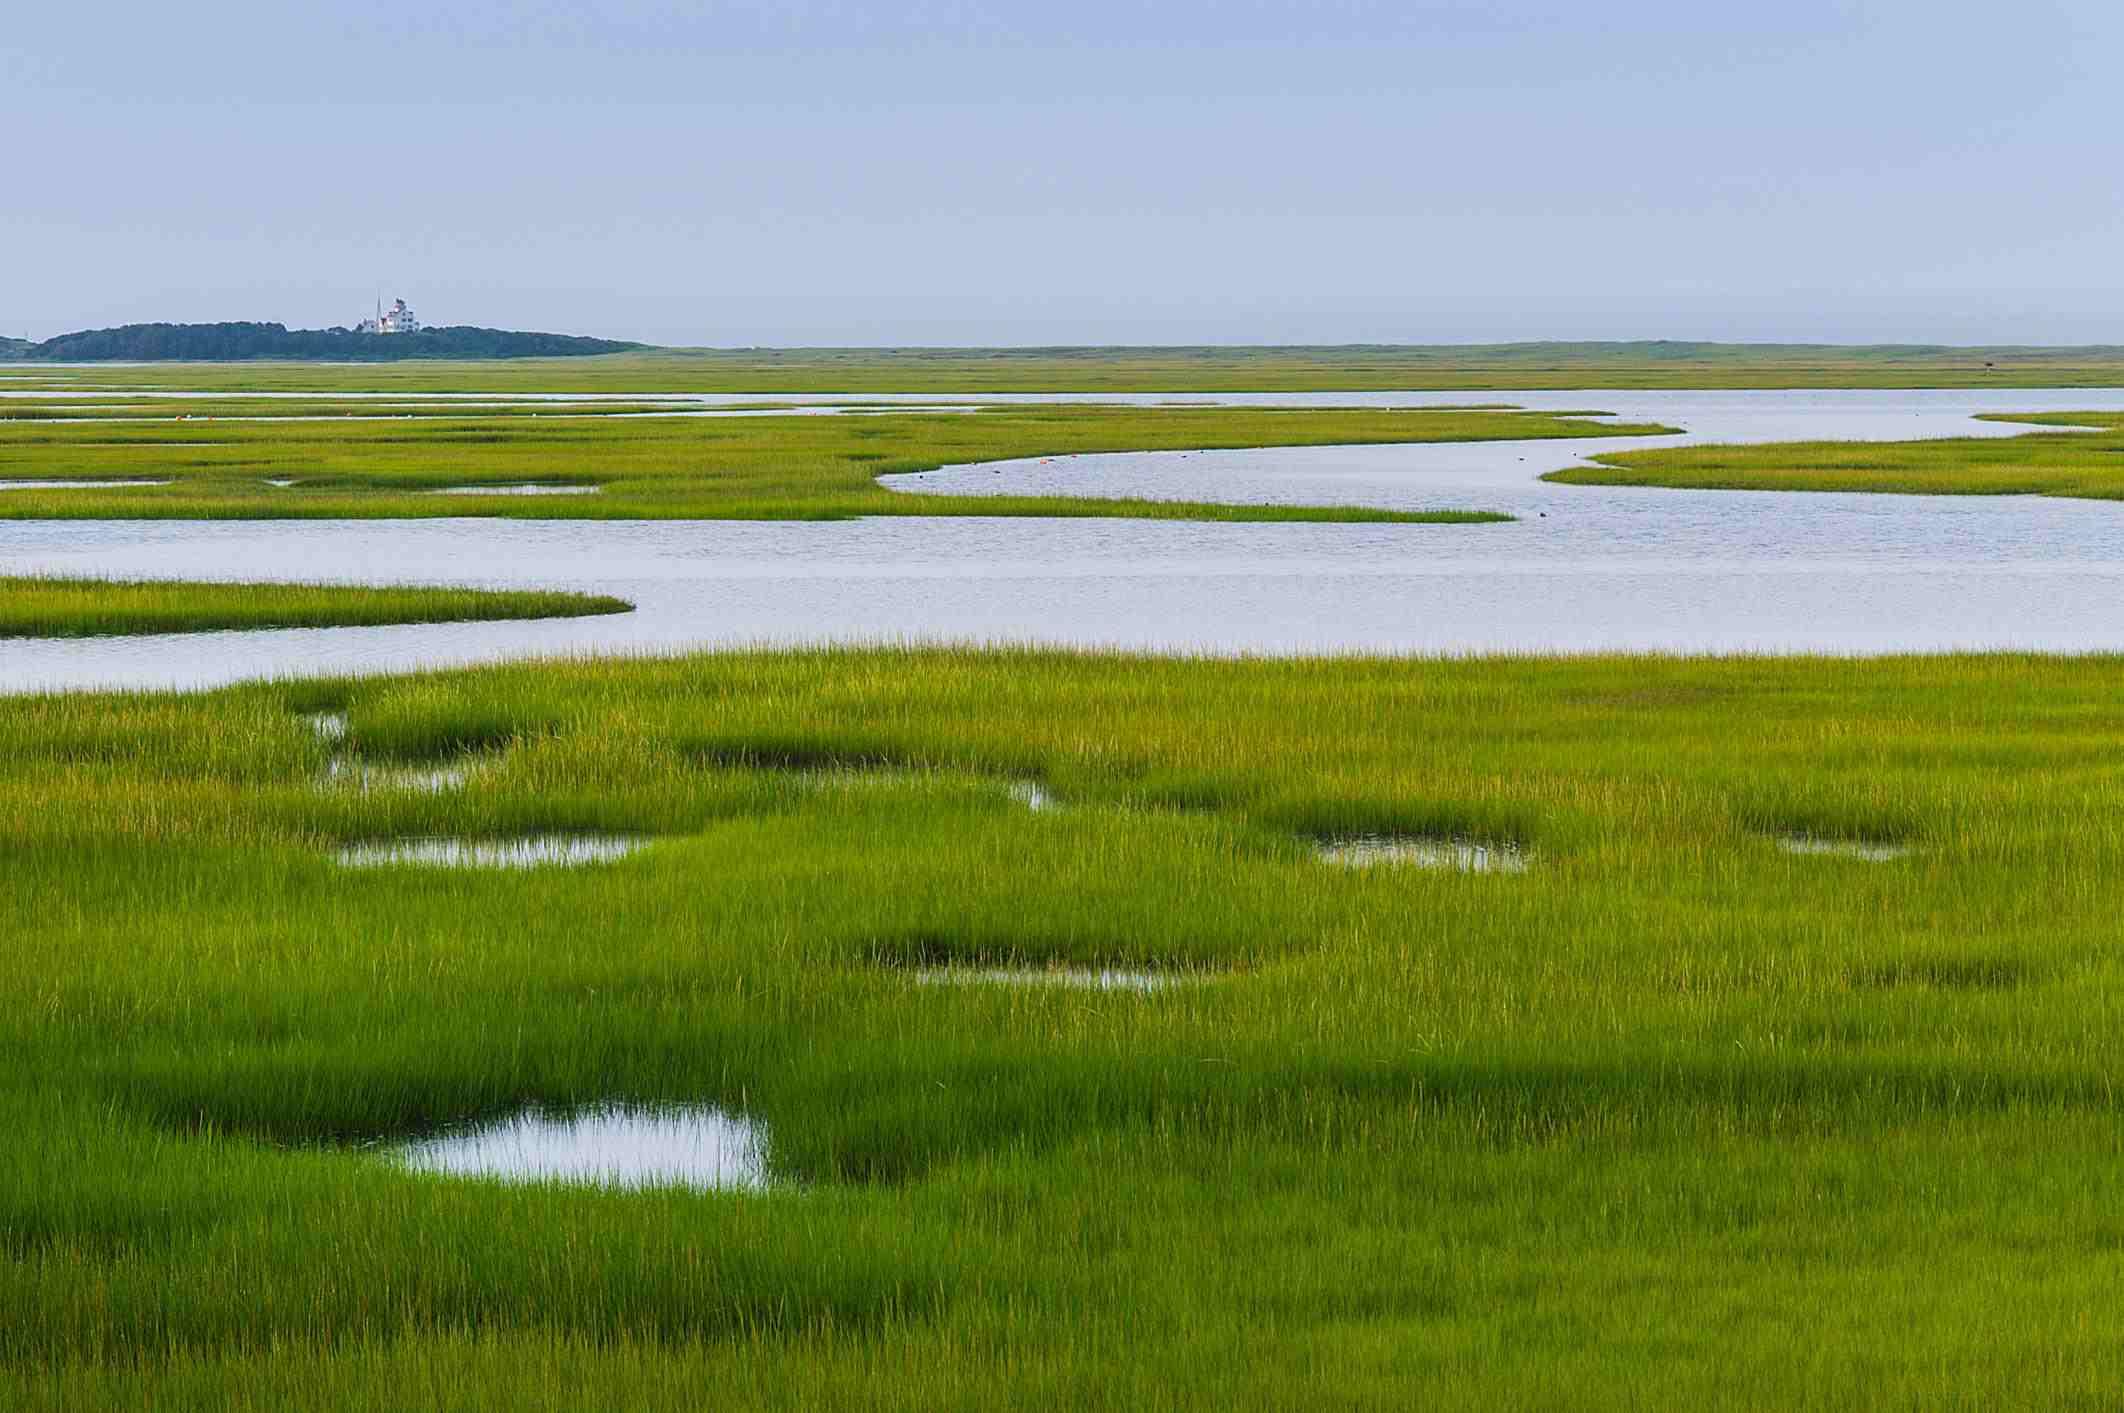 Salt Marsh in Cape Cod, Massachusetts on a gray day.